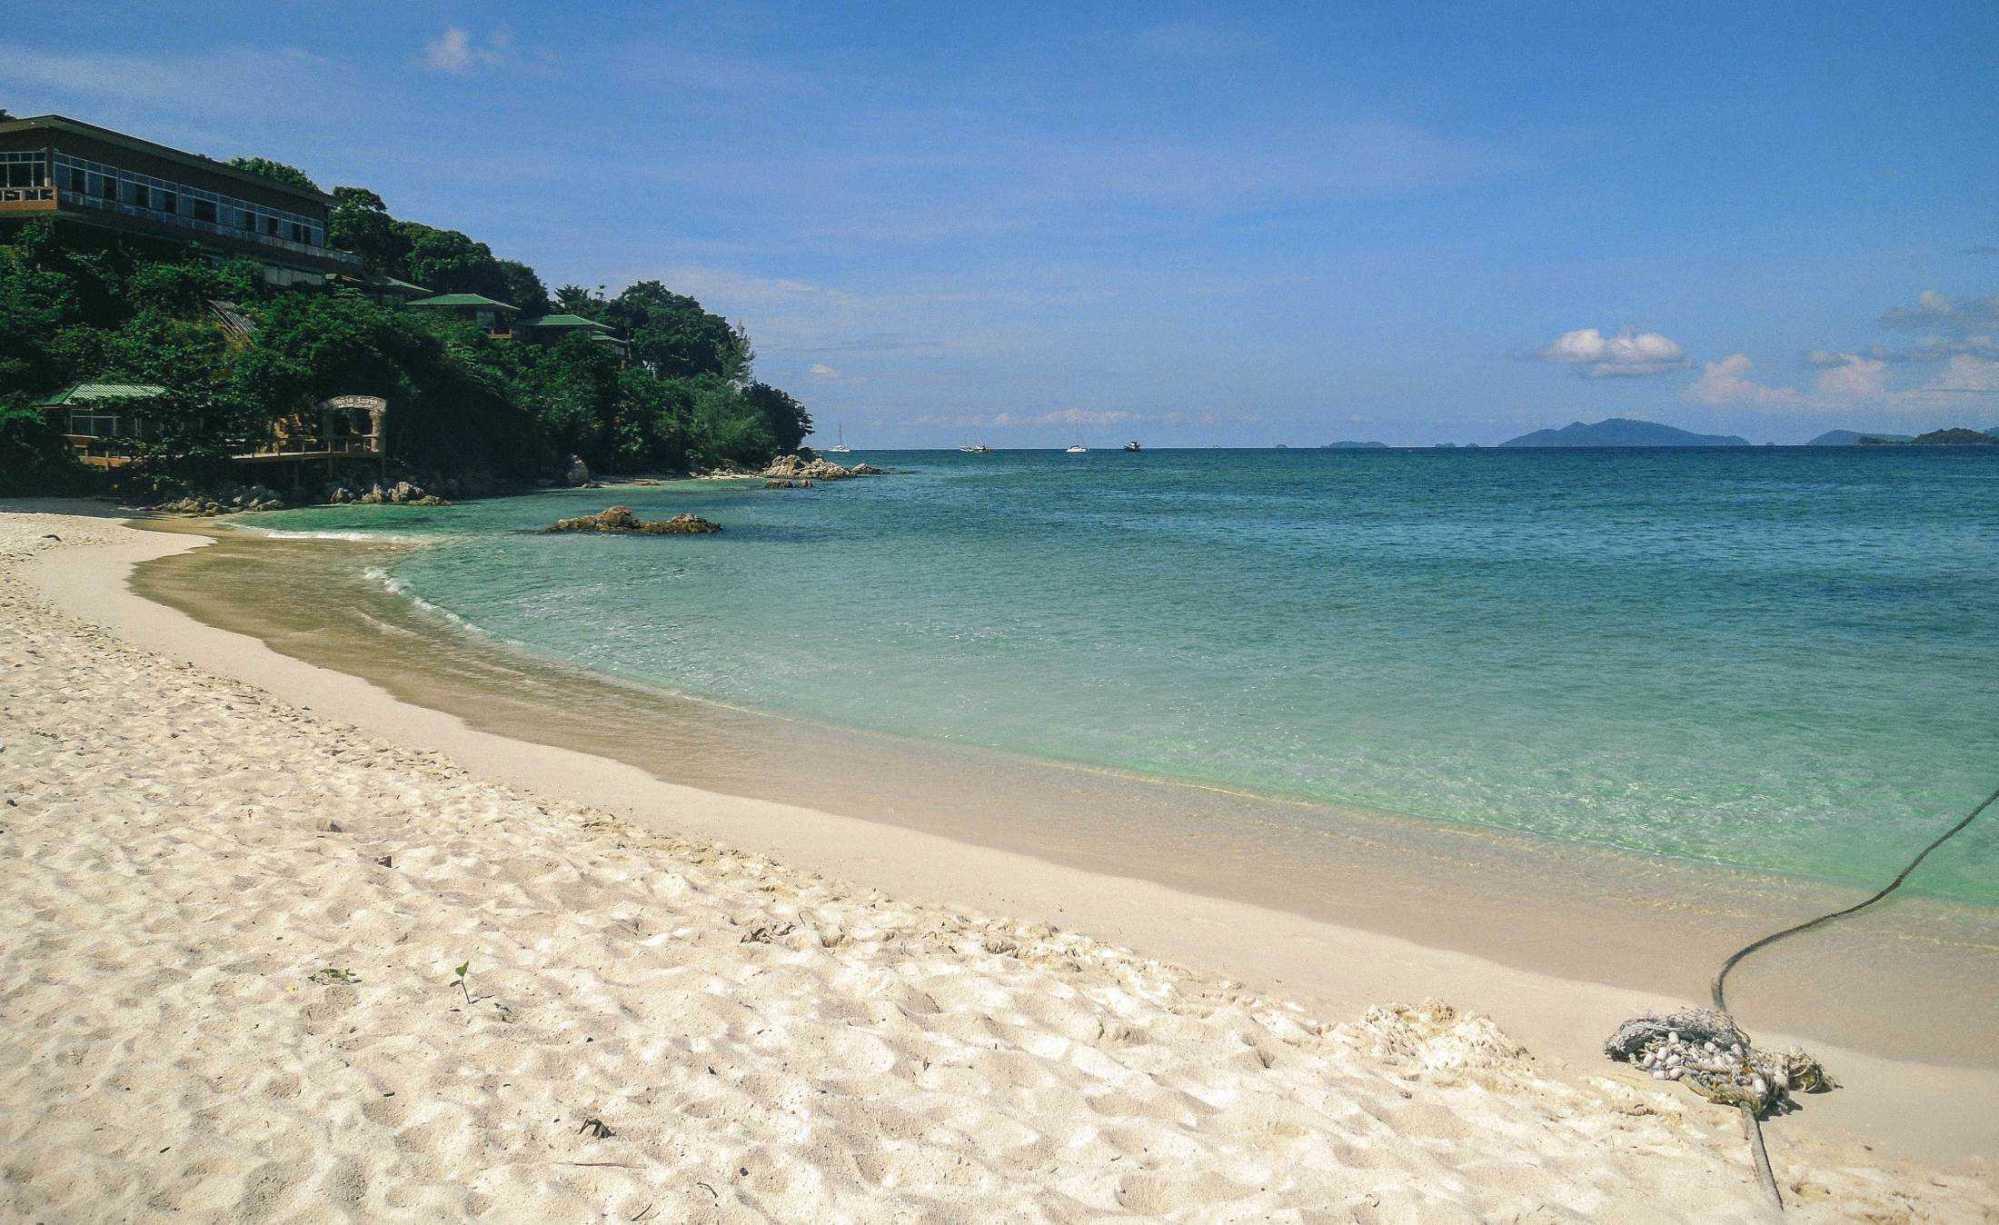 http://i2.wp.com/ionutn.com/wp-content/uploads/2016/04/beach.jpg?fit=2000%2C1225